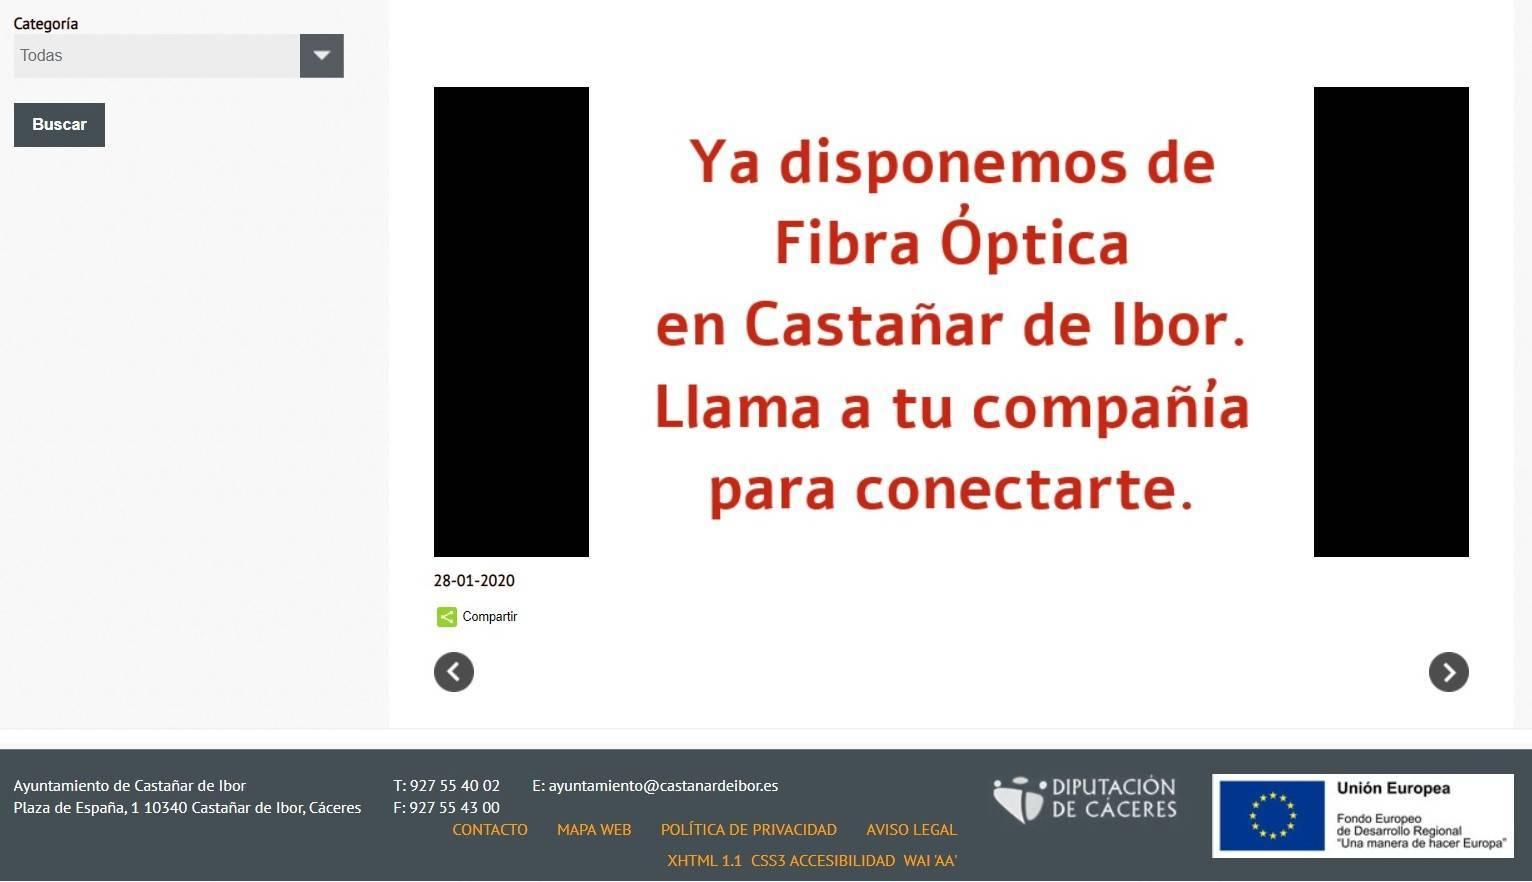 Castañar de Ibor (Cáceres) ya dispone de fibra óptica